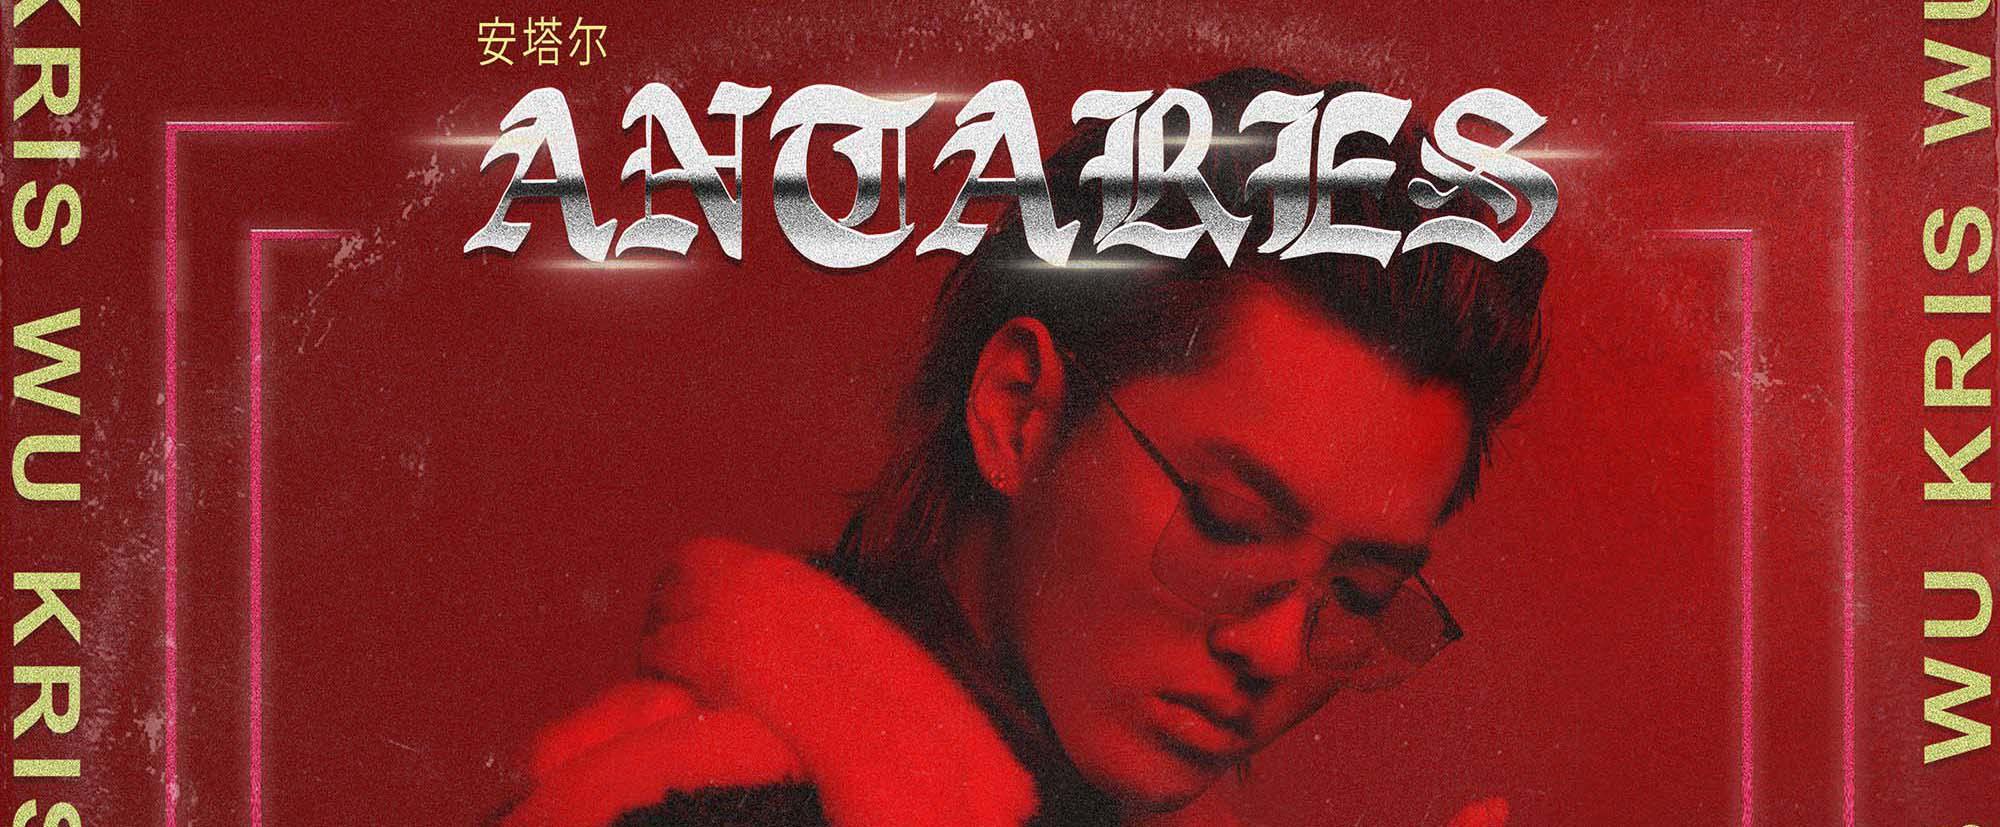 吴亦凡首张专辑《Antares》全球正式上线